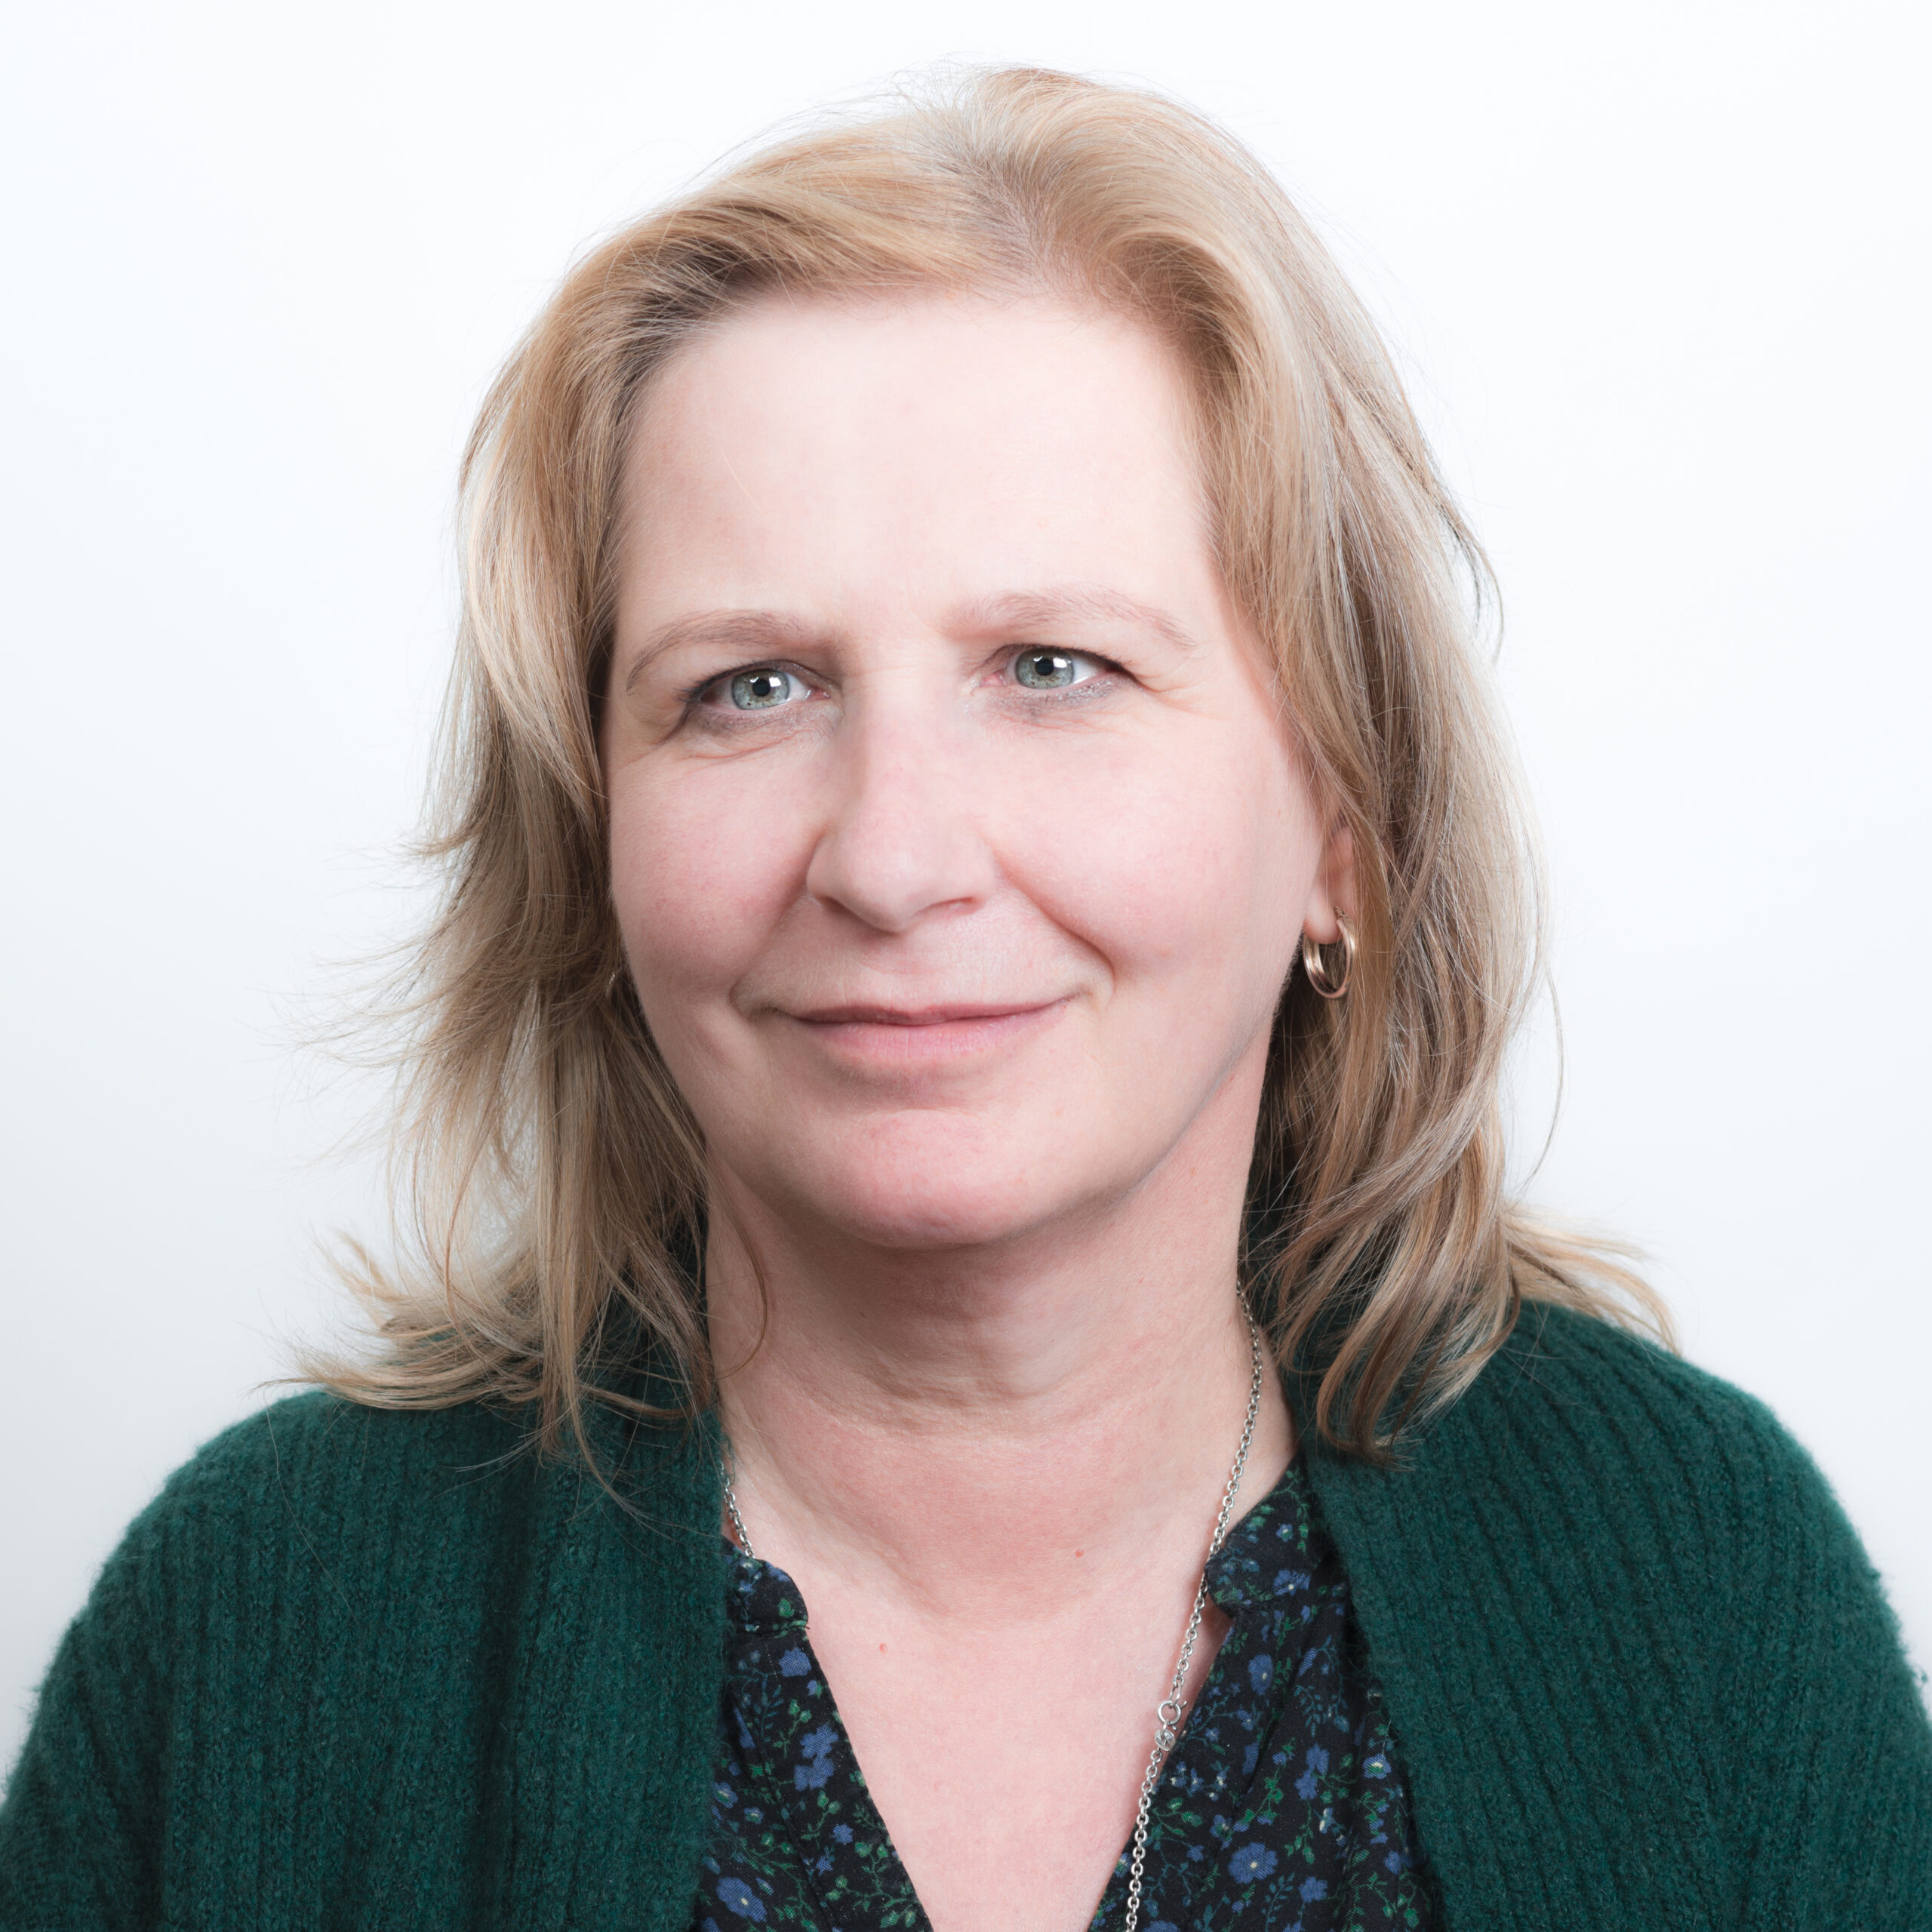 Alina Słowik